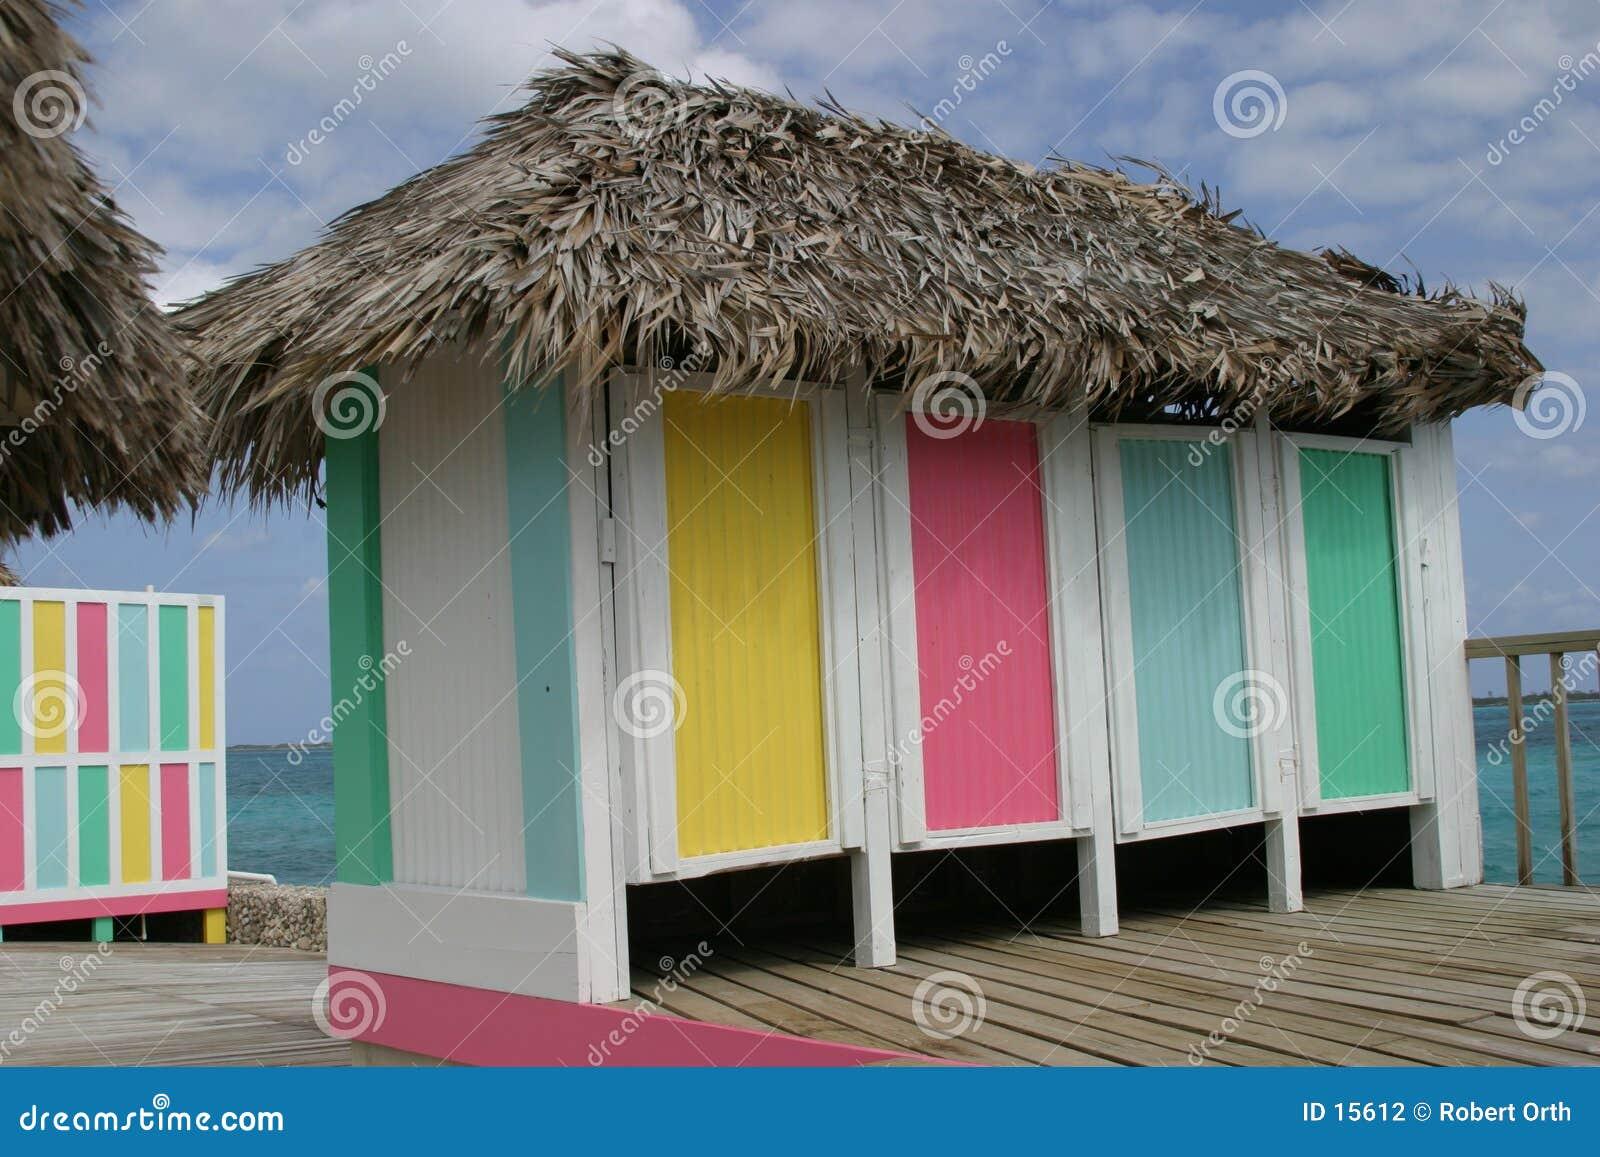 Cabanna do Cararibe